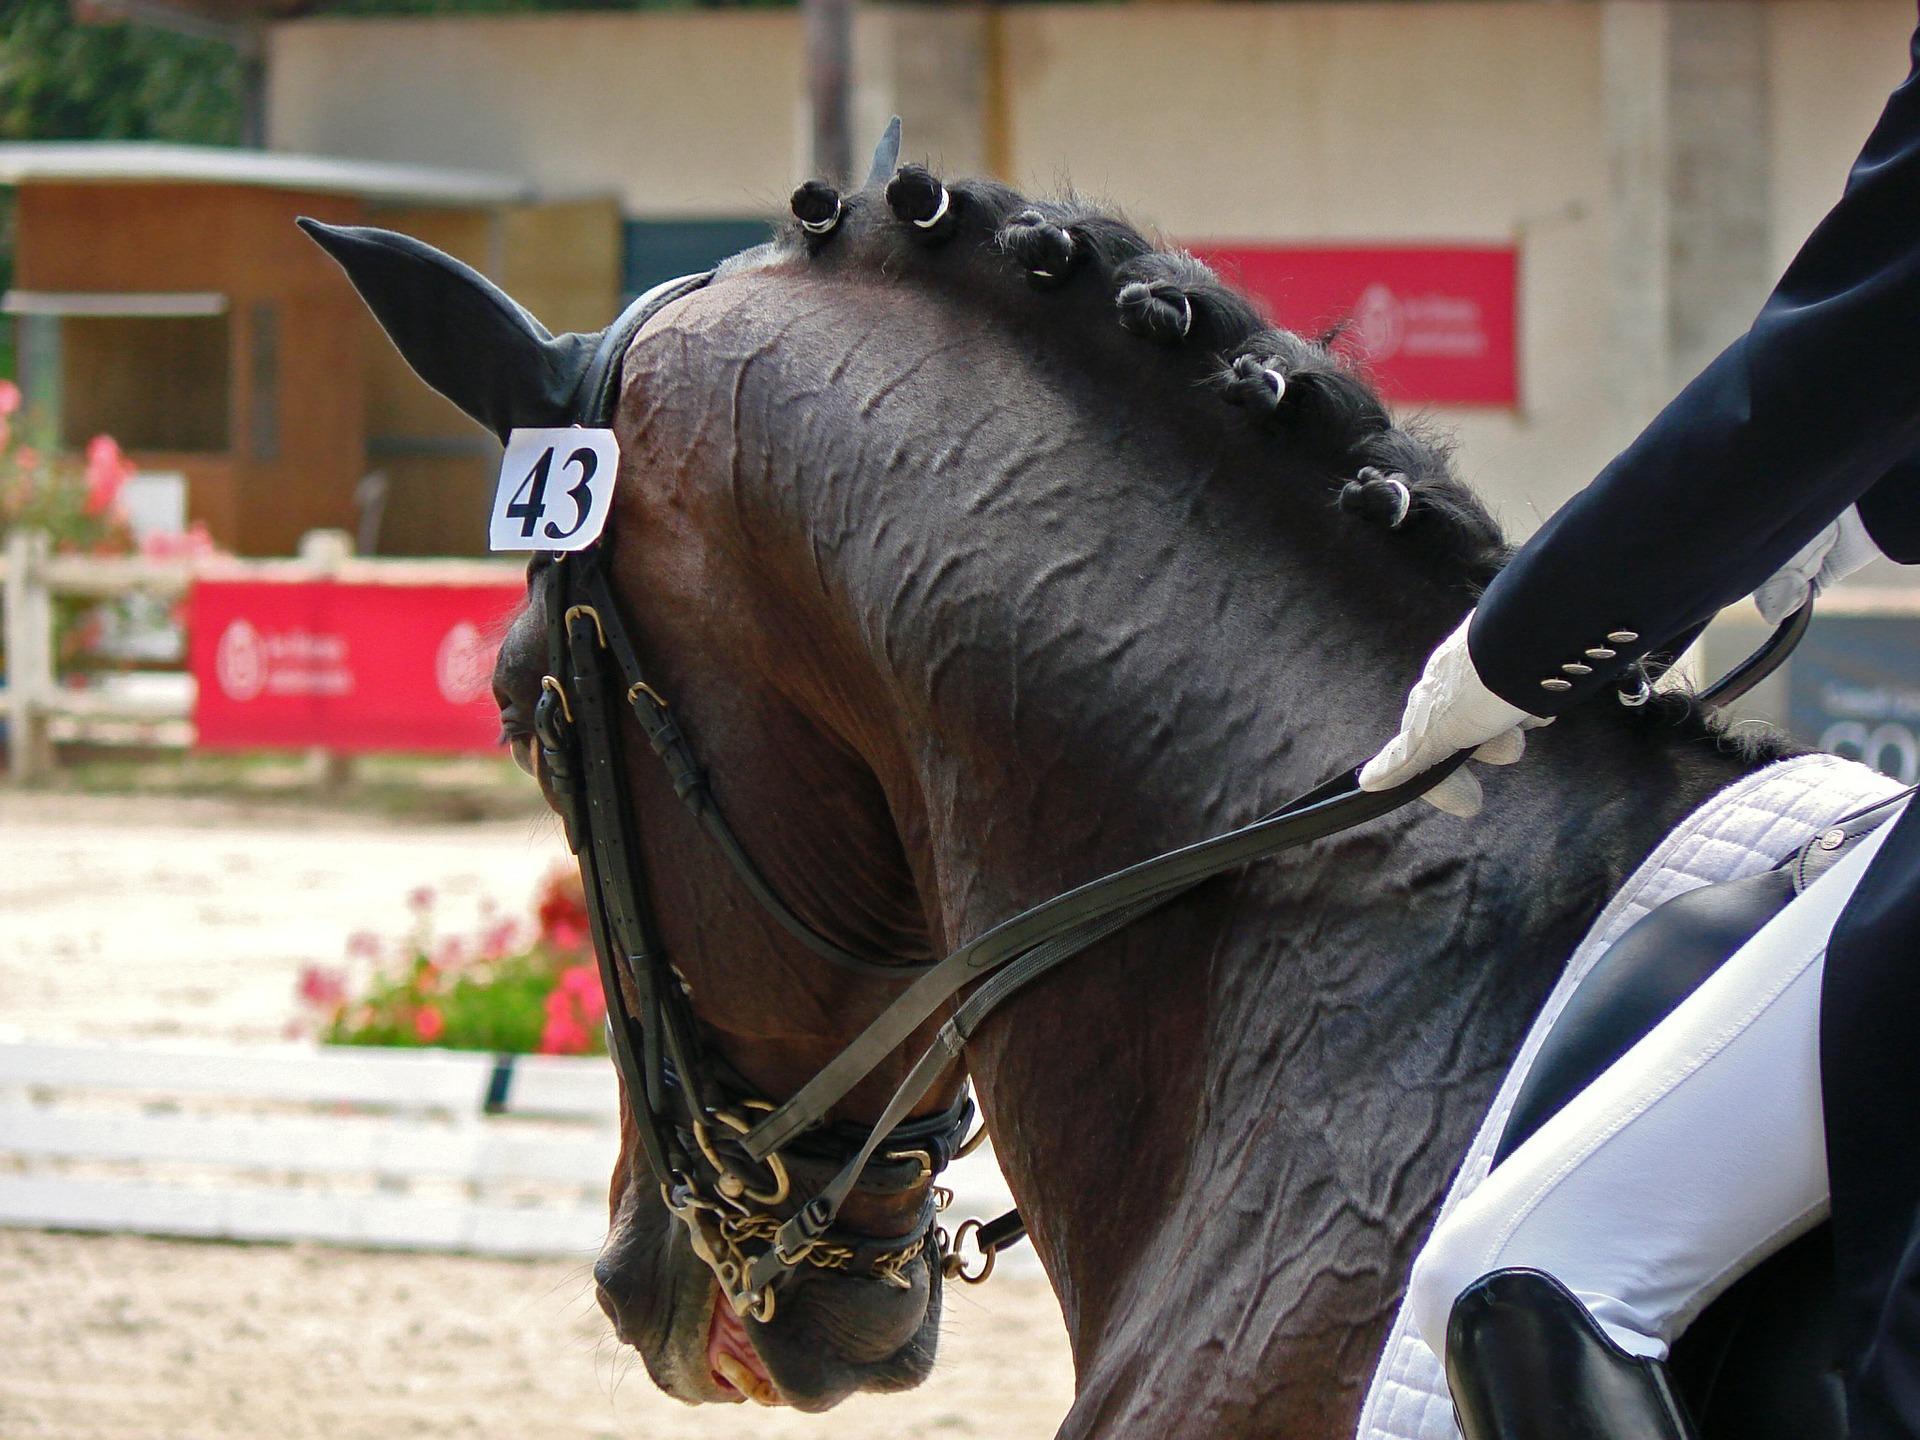 Est-ce-que votre cheval a une bonne capacité de mémorisation et de compréhension ?